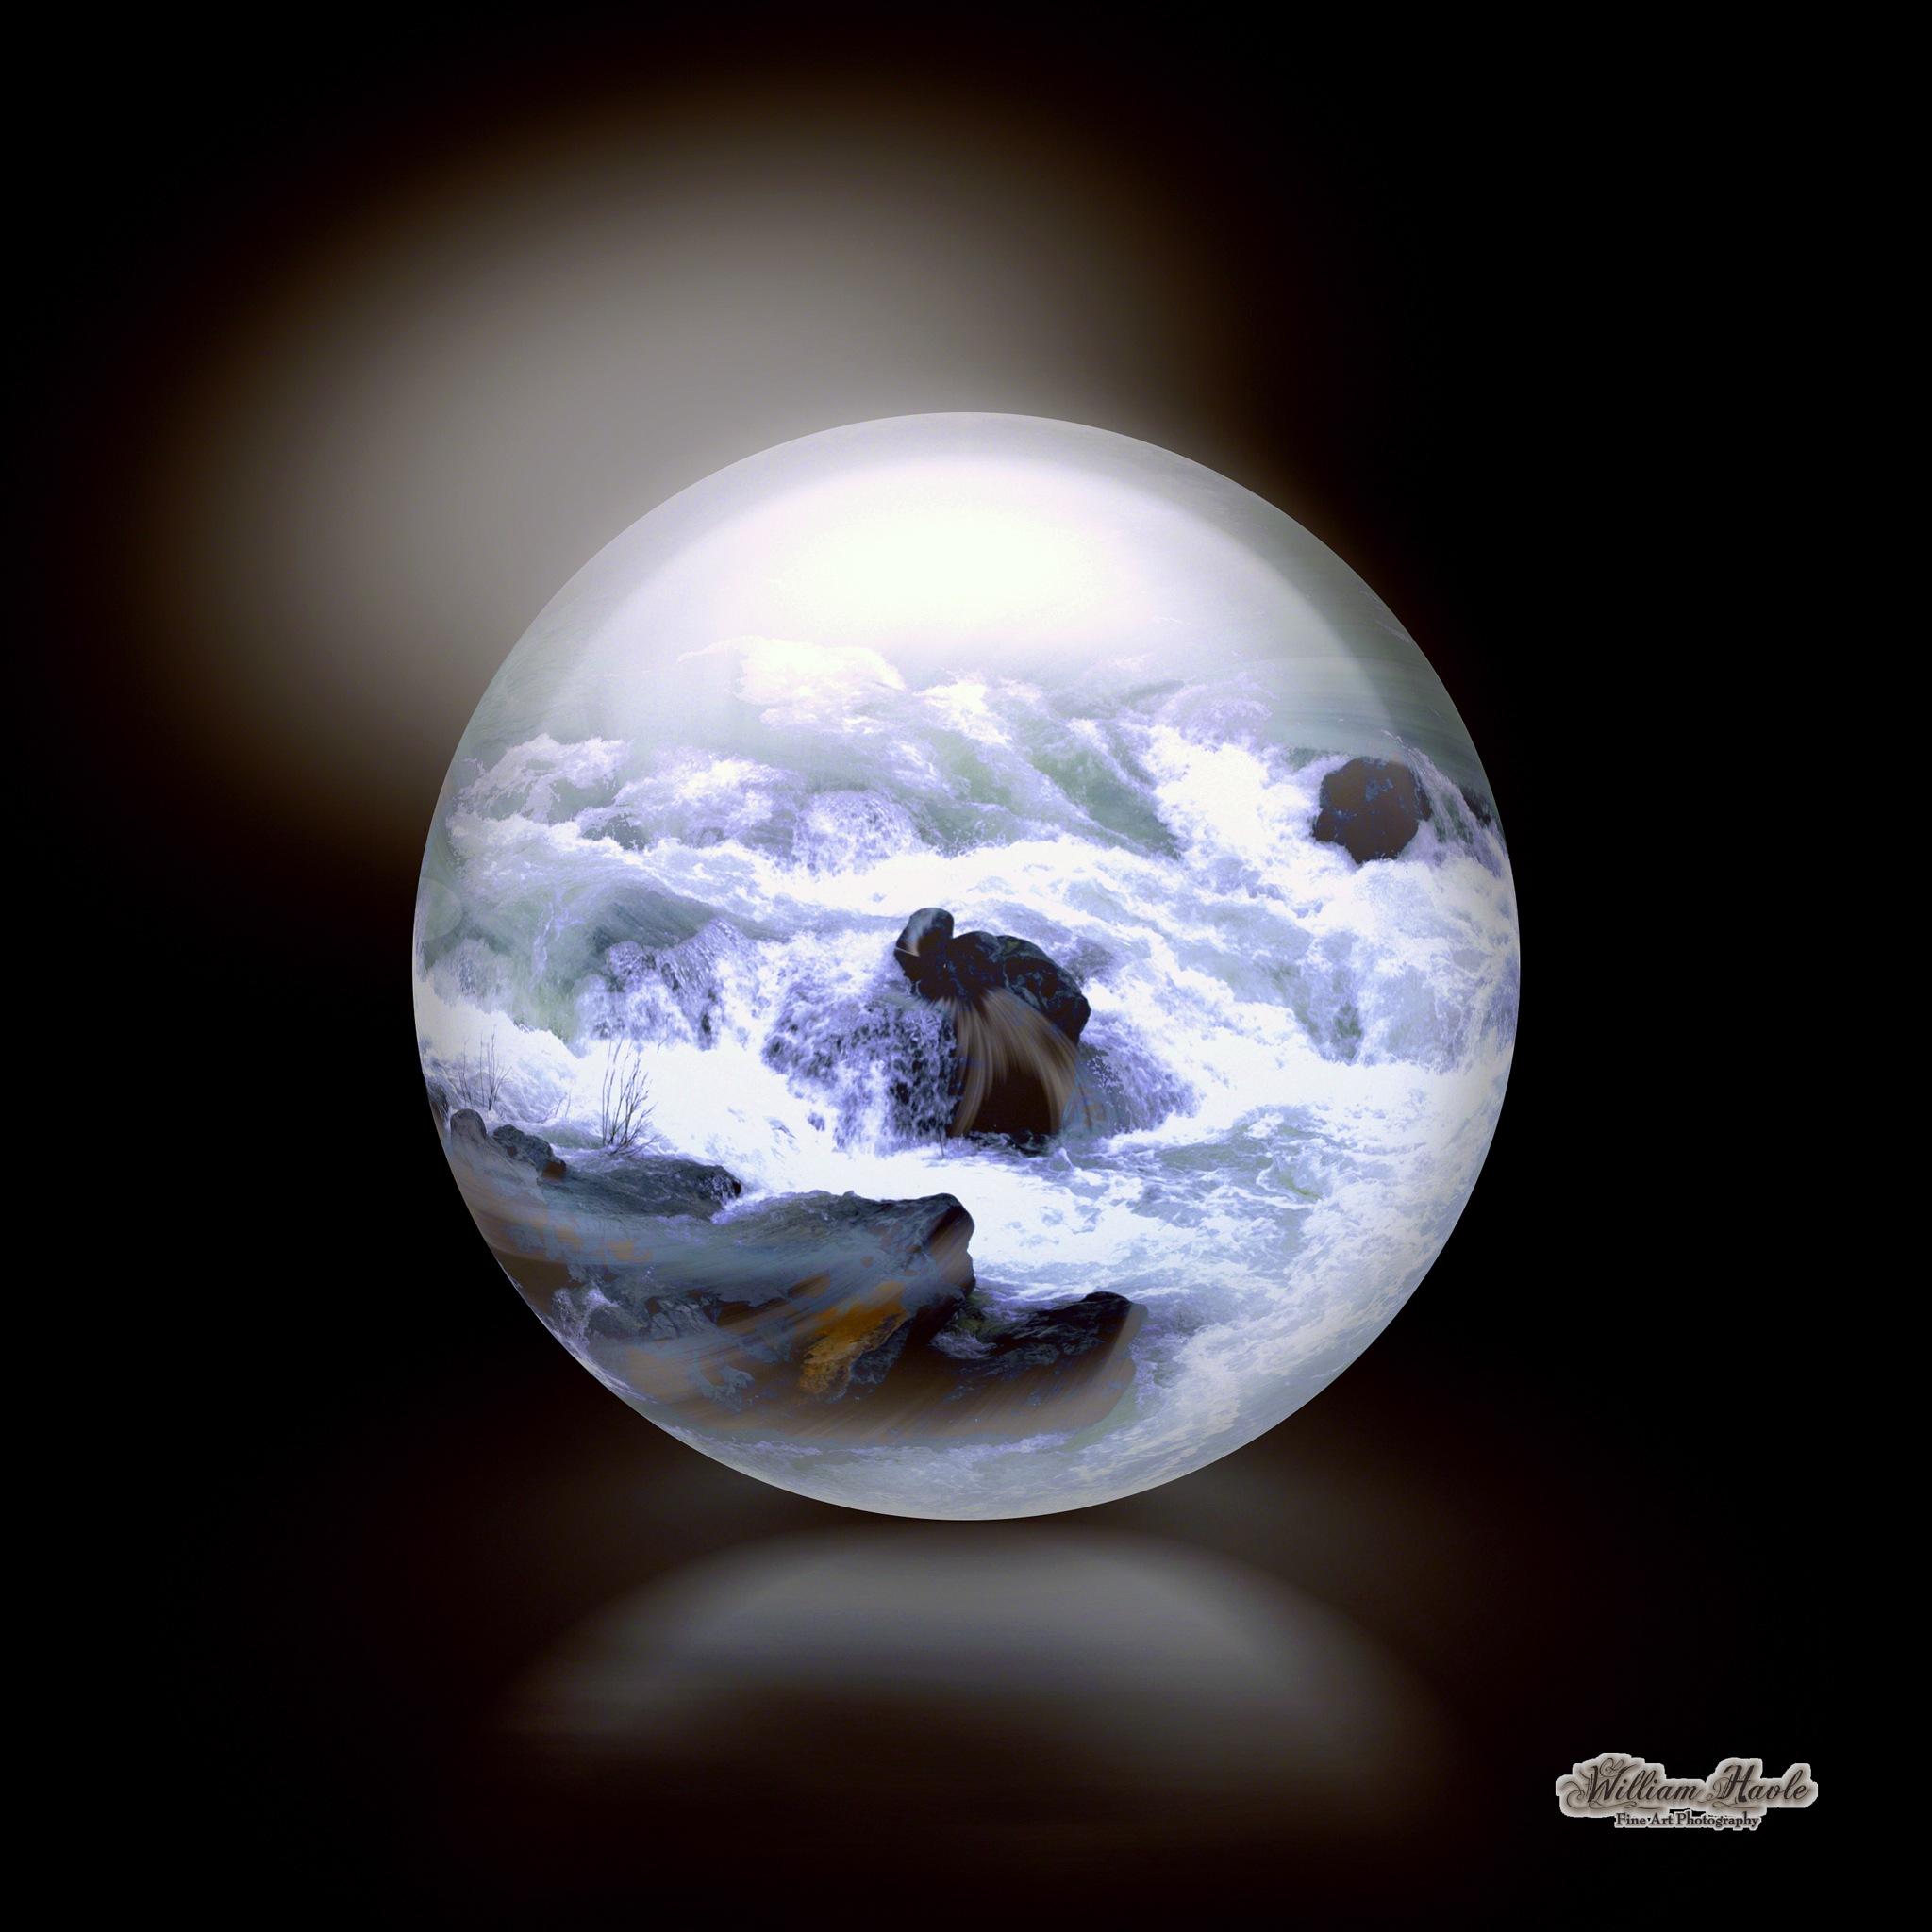 Sturring Waters Sphere by Bill Havle